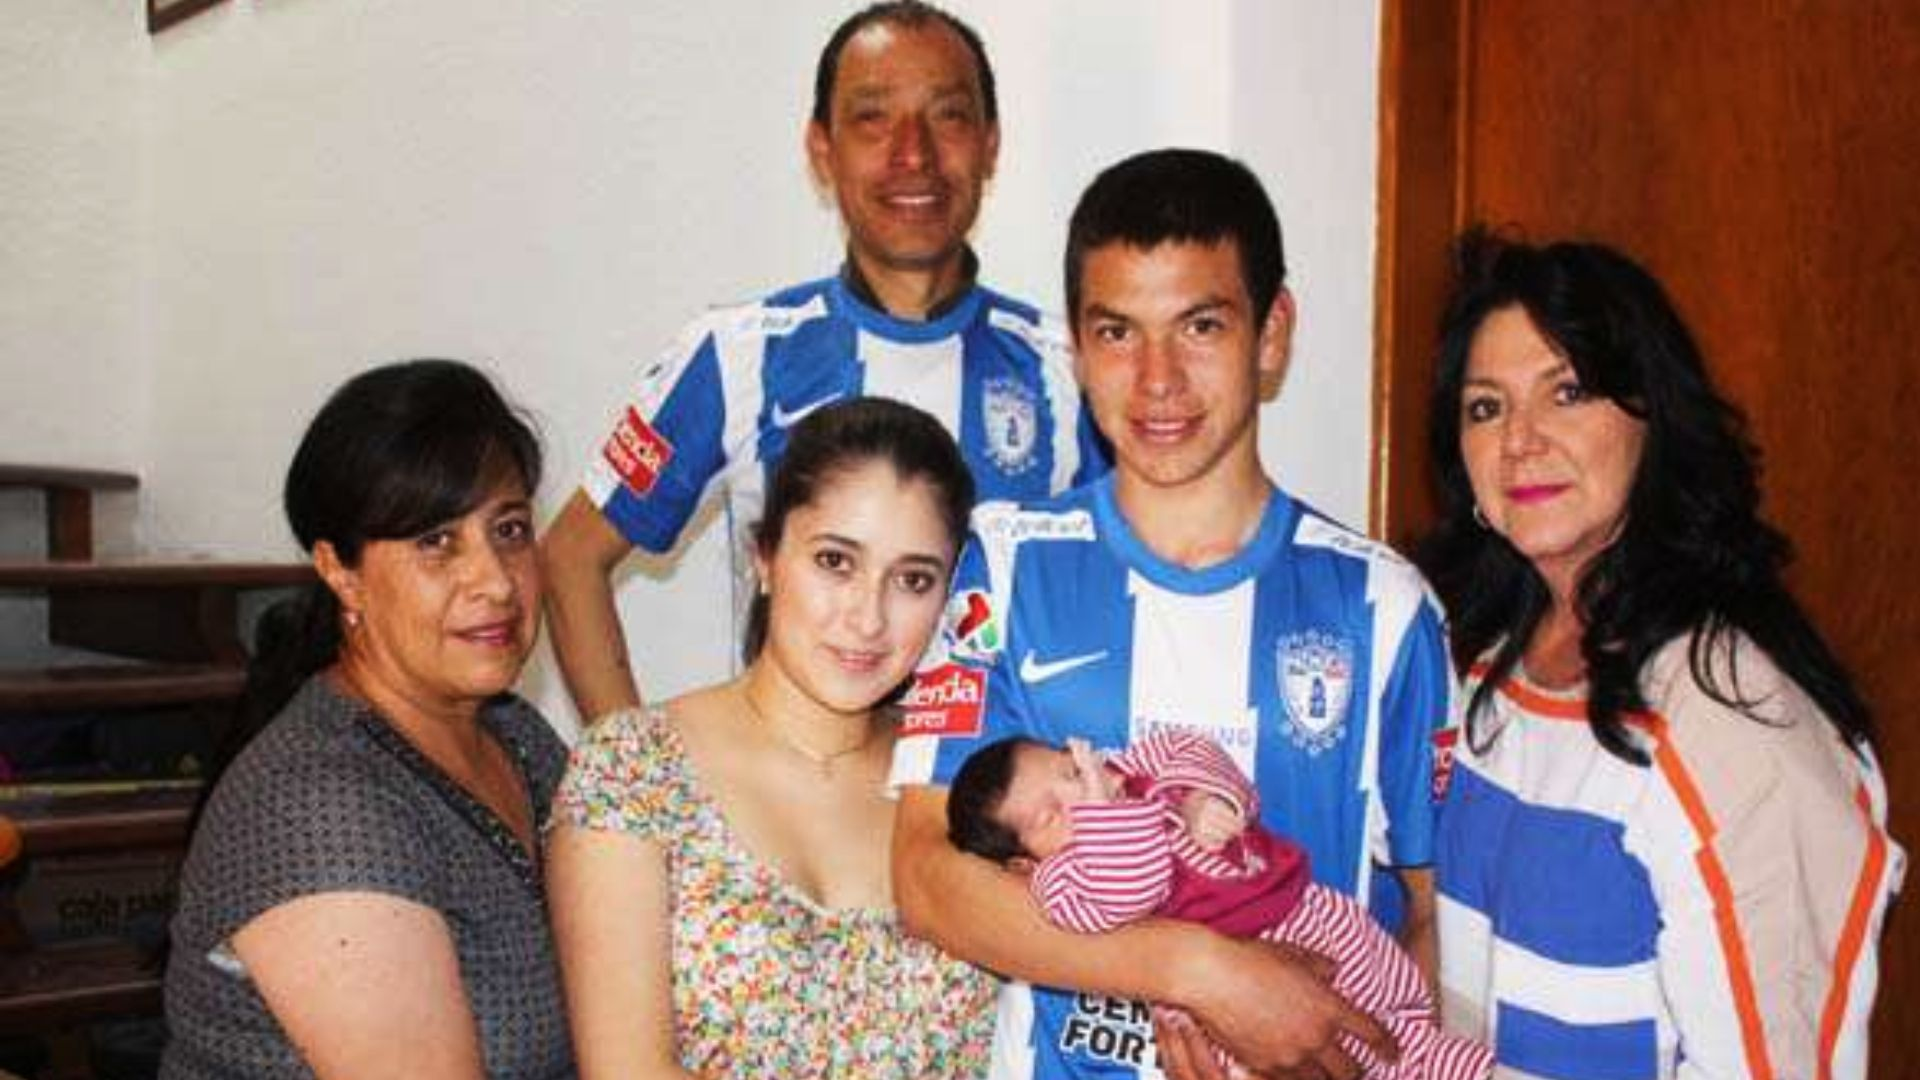 Lozano apenas había alcanzado la mayoría de edad cuando embarazó a su novia (Foto: Facebook)